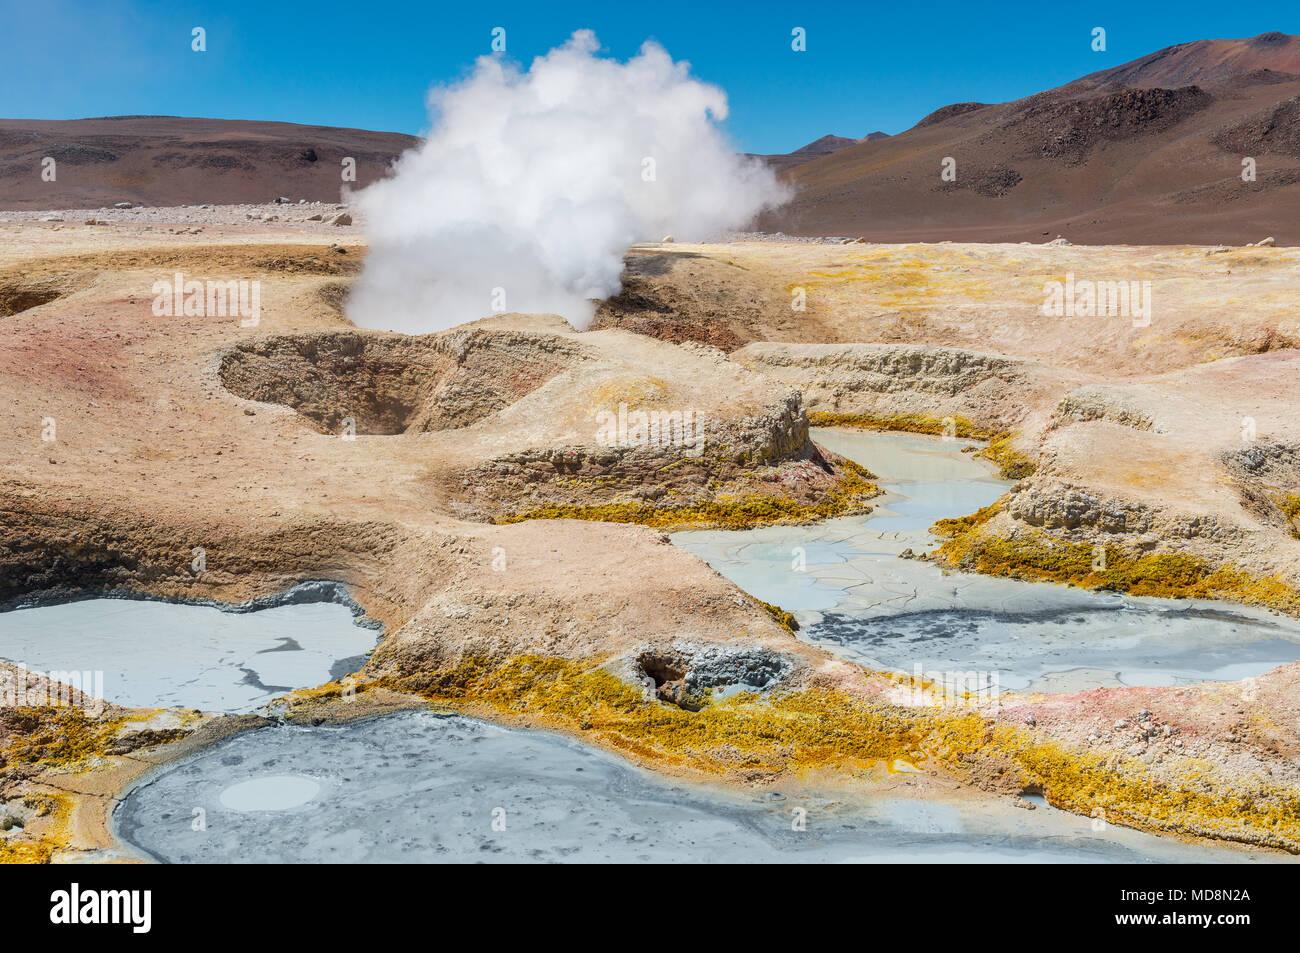 L'activité volcanique du sol de Mañana en Bolivie, près de la frontière avec le Chili et l'Uyuni Salt Flat. Nous voyons la boue des fosses et les fumerolles de vapeur d'eau. Photo Stock